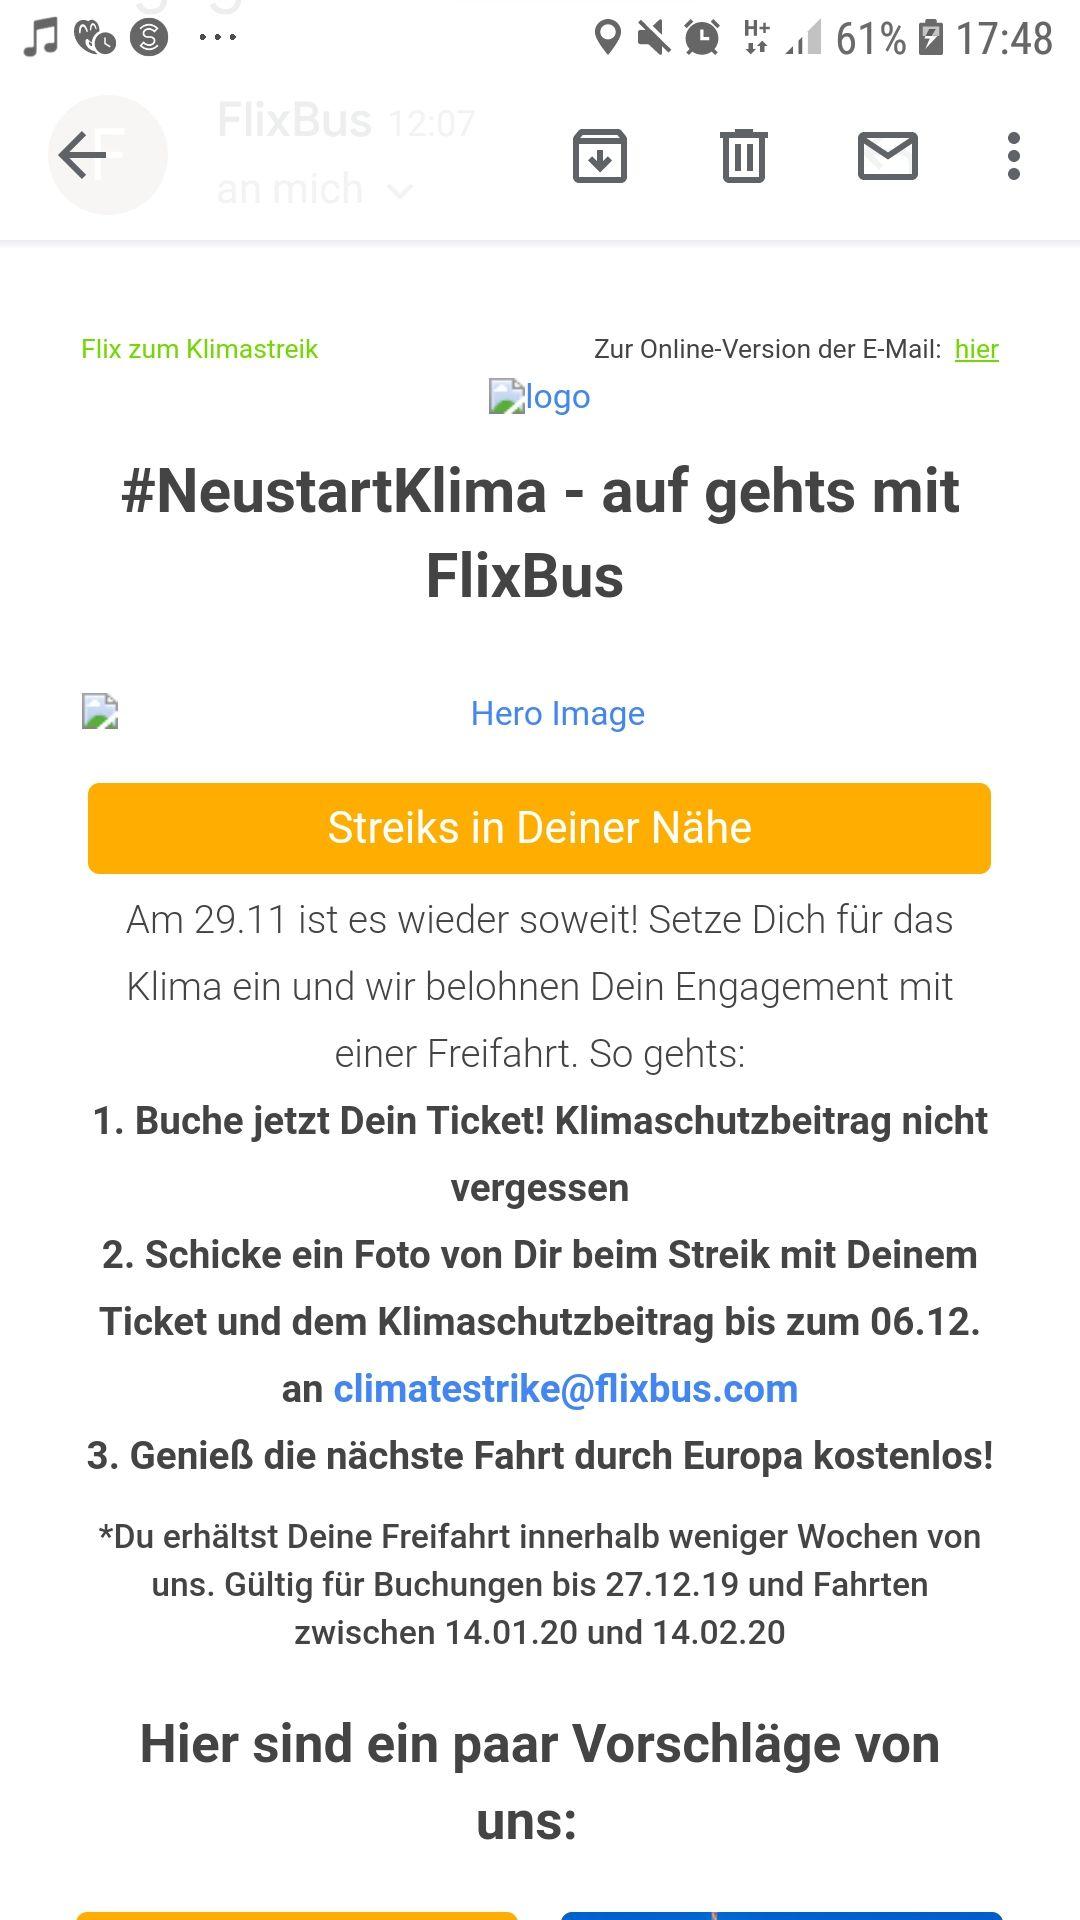 #NeustartKlima - auf gehts mit FlixBus